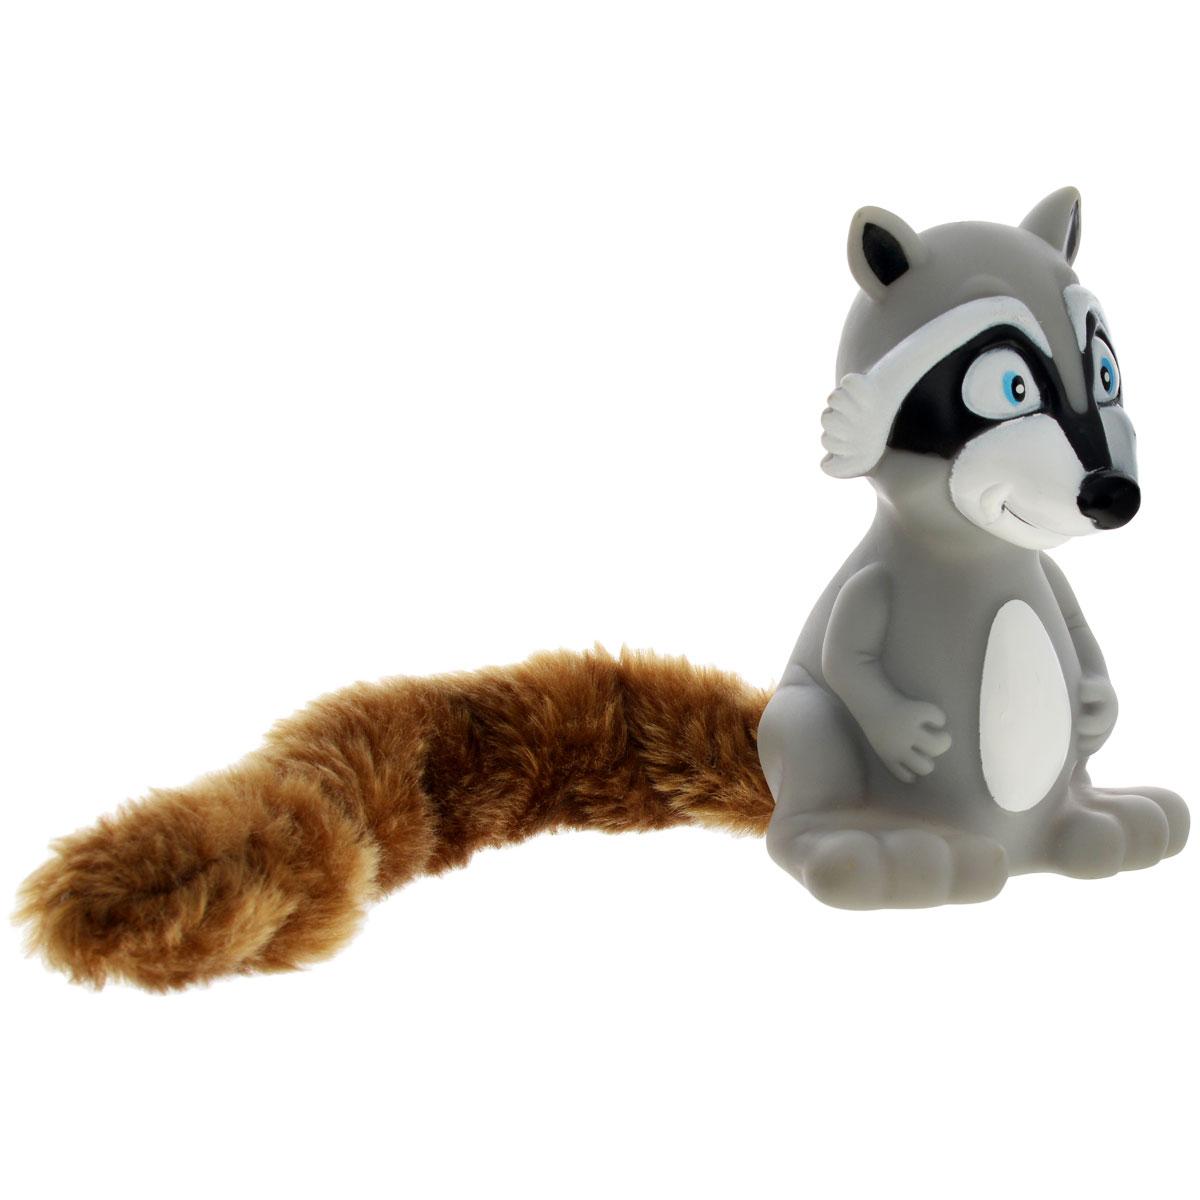 Игрушка для собак Aveva Енот0120710Игрушка для собак Aveva Енот, выполненная в виде забавного енота с плюшевым хвостом, изготовлена из резины. Такая игрушка позволит весело провести время вашему питомцу, а также поможет вам сохранить в целости личные вещи и предметы интерьера. Яркая игрушка привлечет внимание вашего любимца, не навредит здоровью и займет его на долгое время. Длина хвоста игрушки: 20 см.